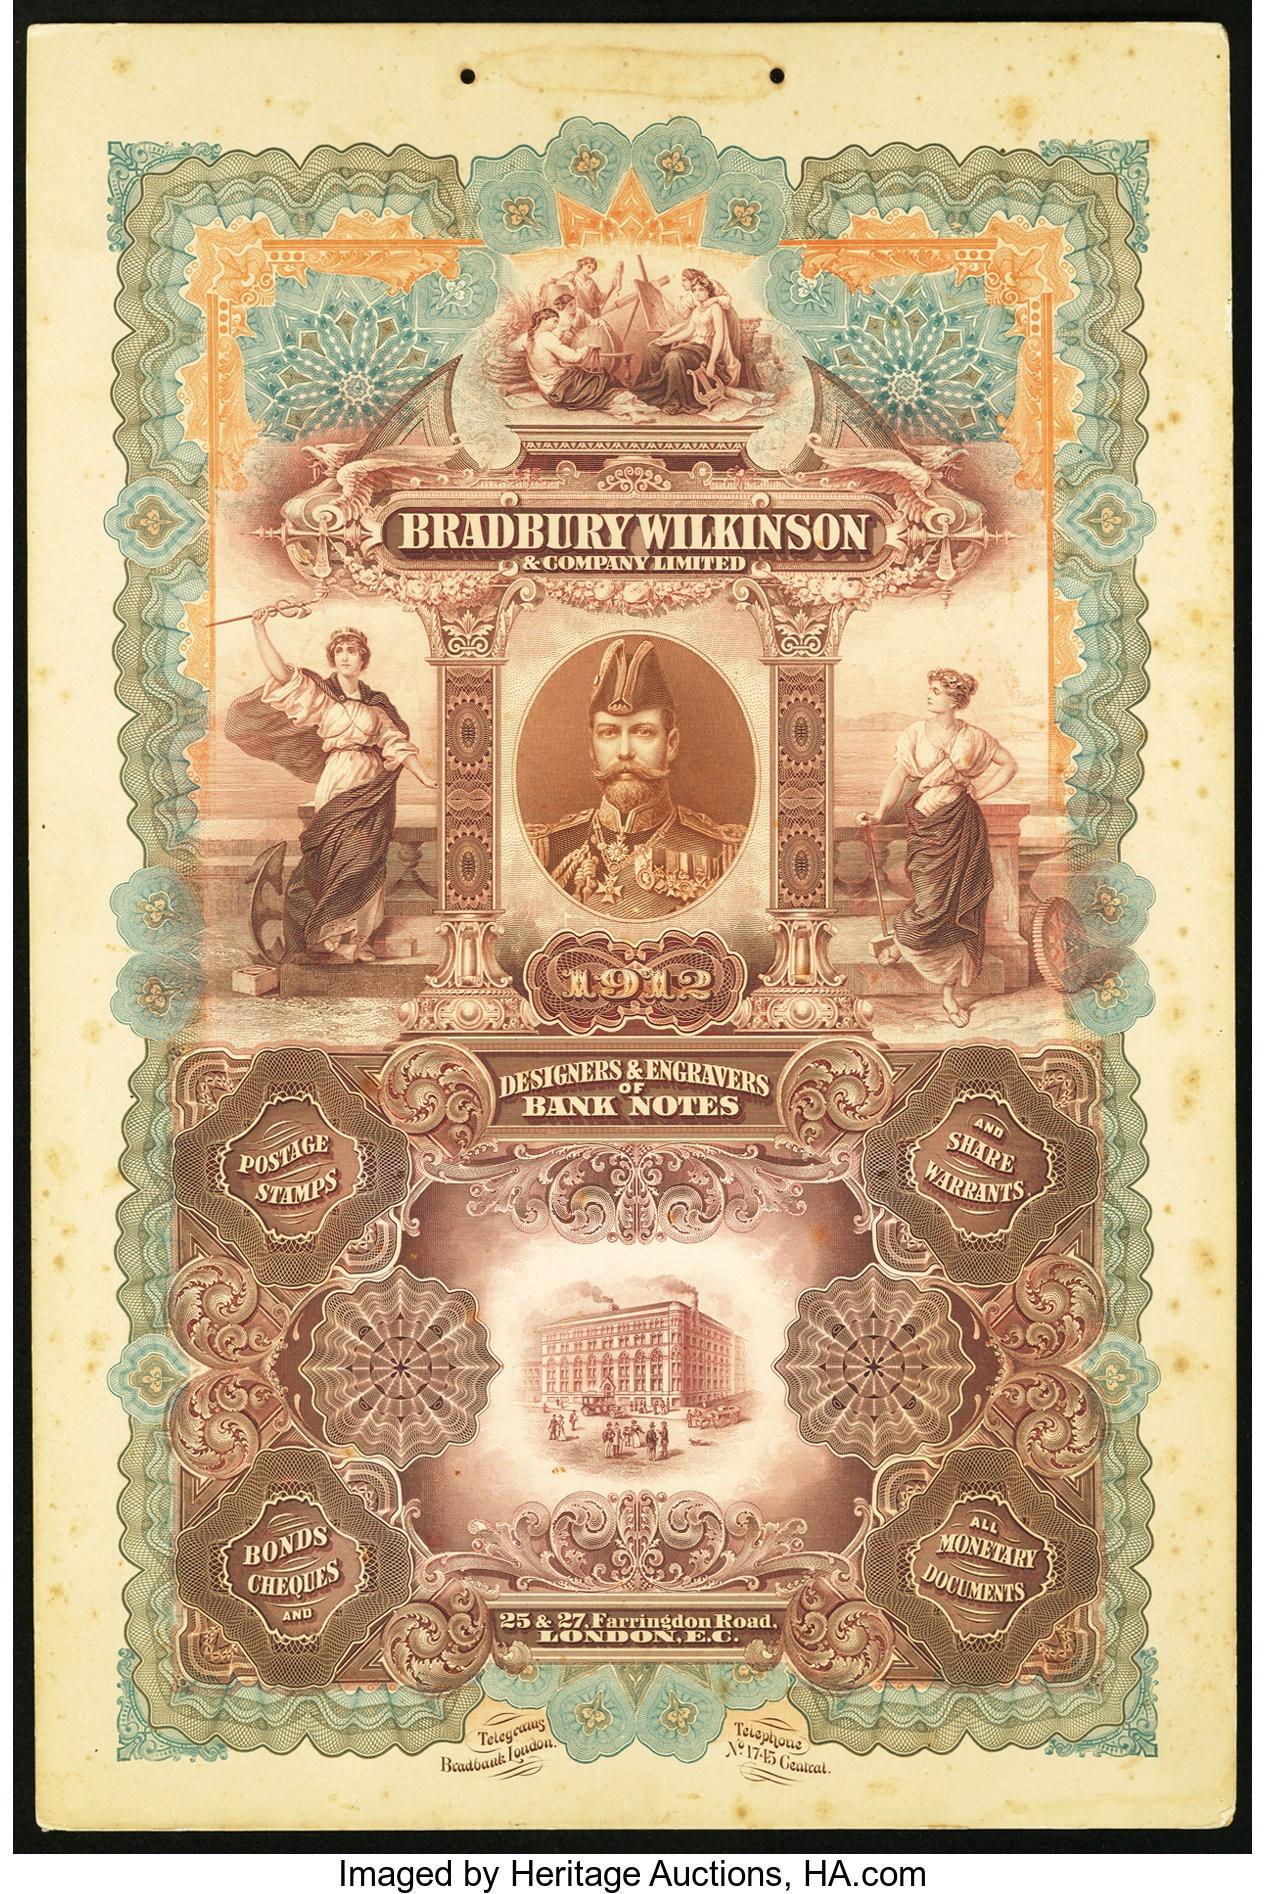 Bradbury Wilkinson Ad.jpg